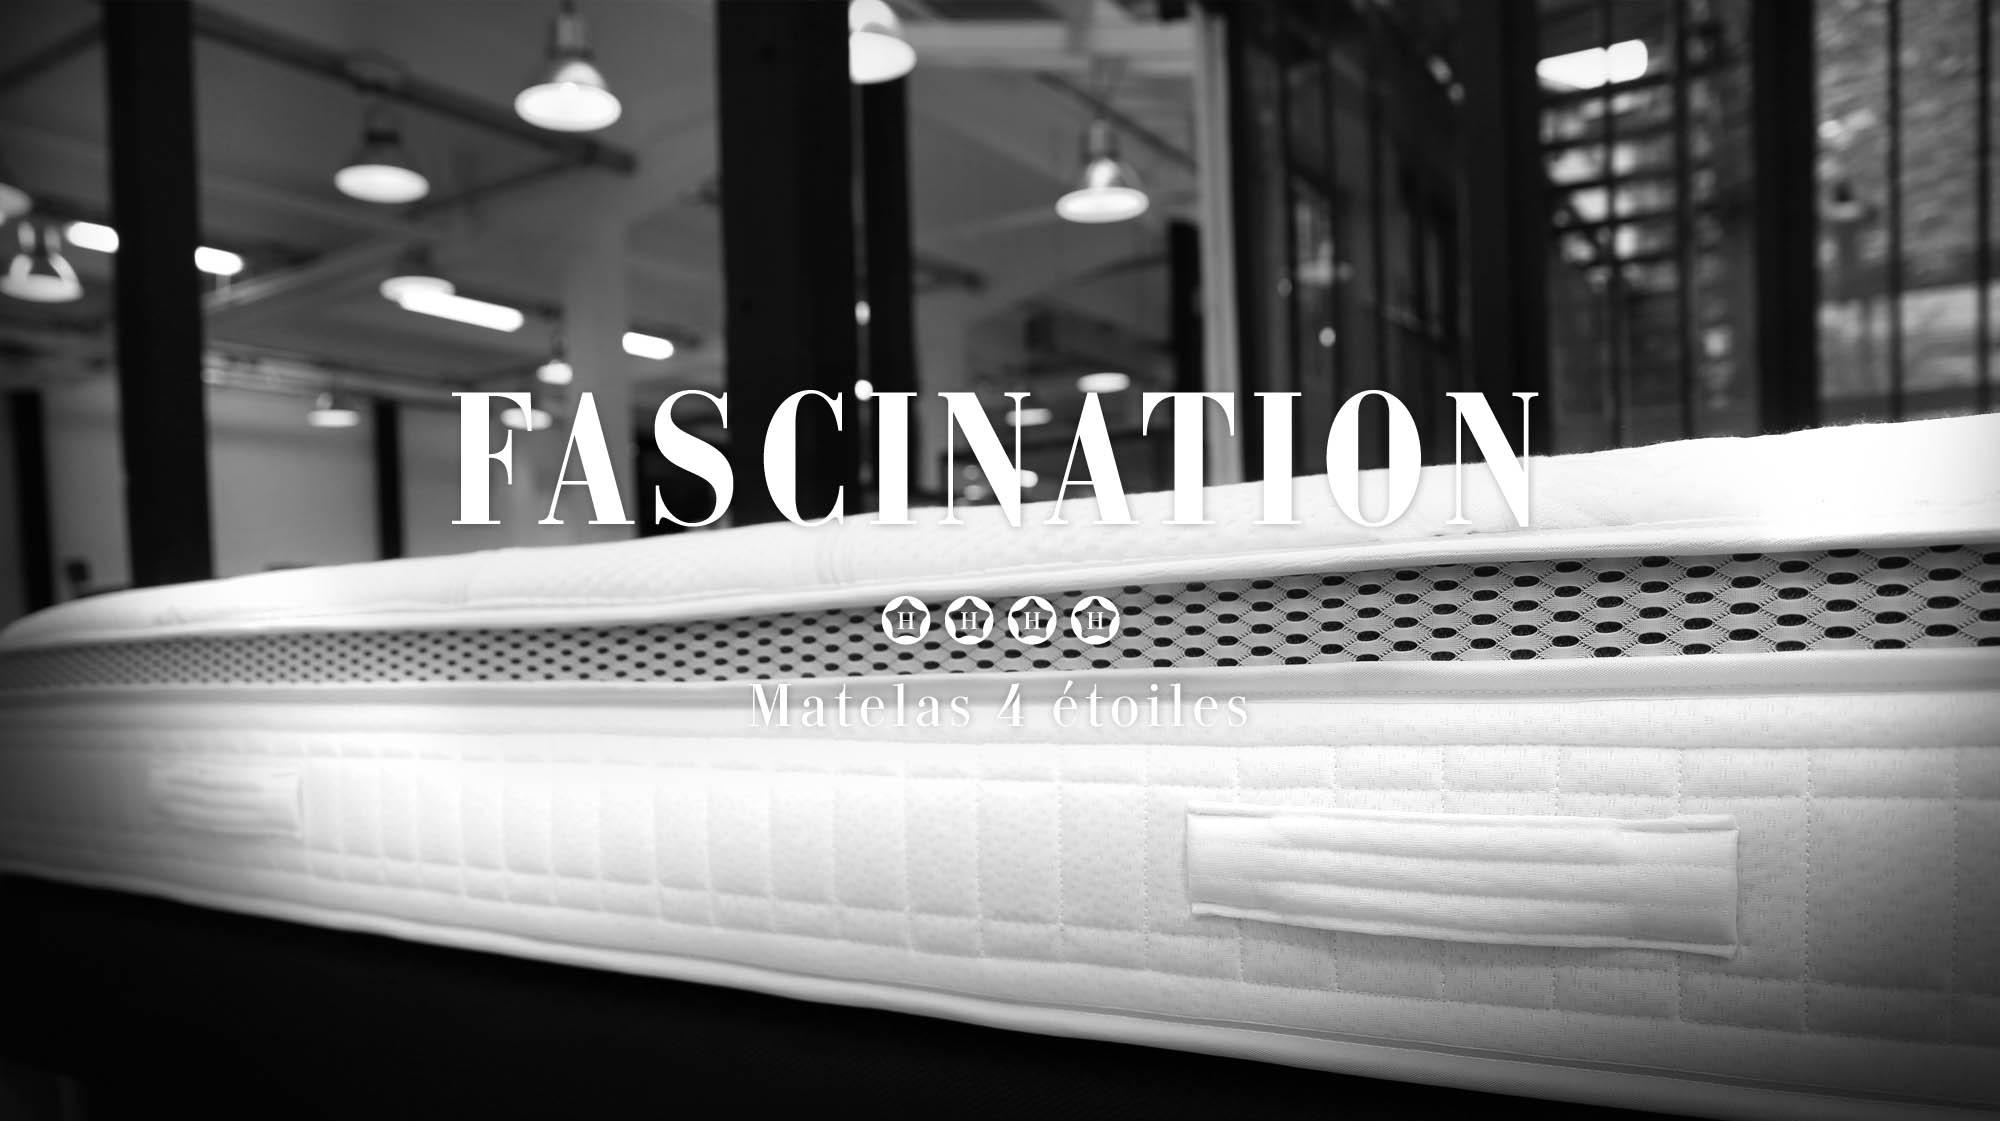 Literie haut de gamme top with literie haut de gamme beautiful treca imperialjpg with literie - Matelas de luxe haut de gamme ...